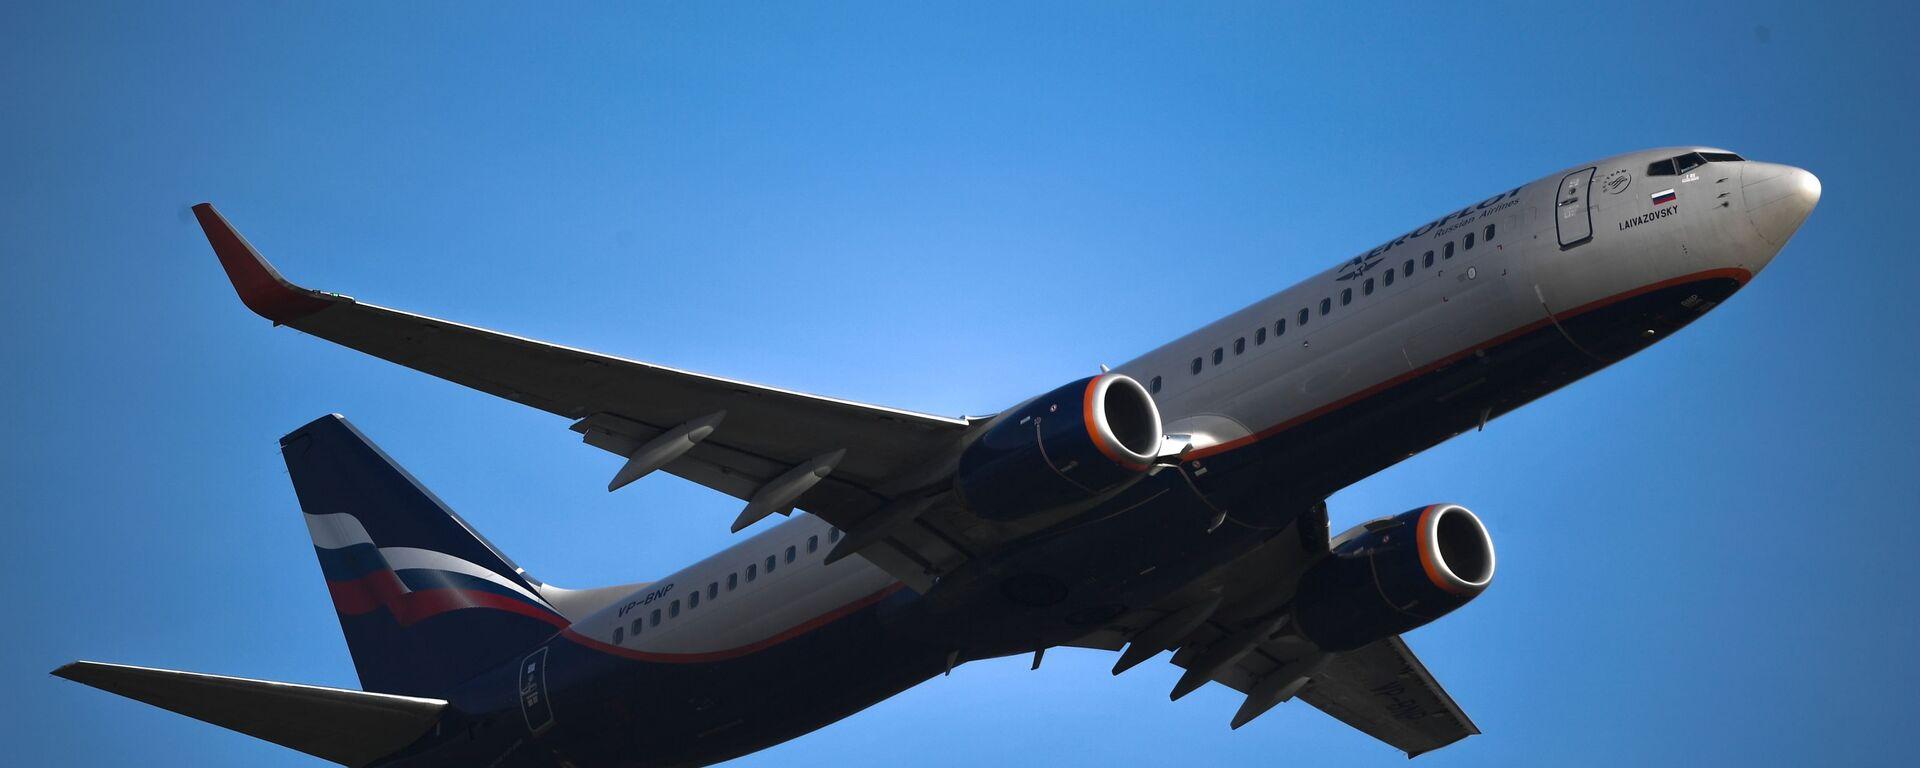 Взлет самолета Boeing737 авиакомпании Аэрофлот из аэропорта Шереметьево - Sputnik Արմենիա, 1920, 19.04.2021